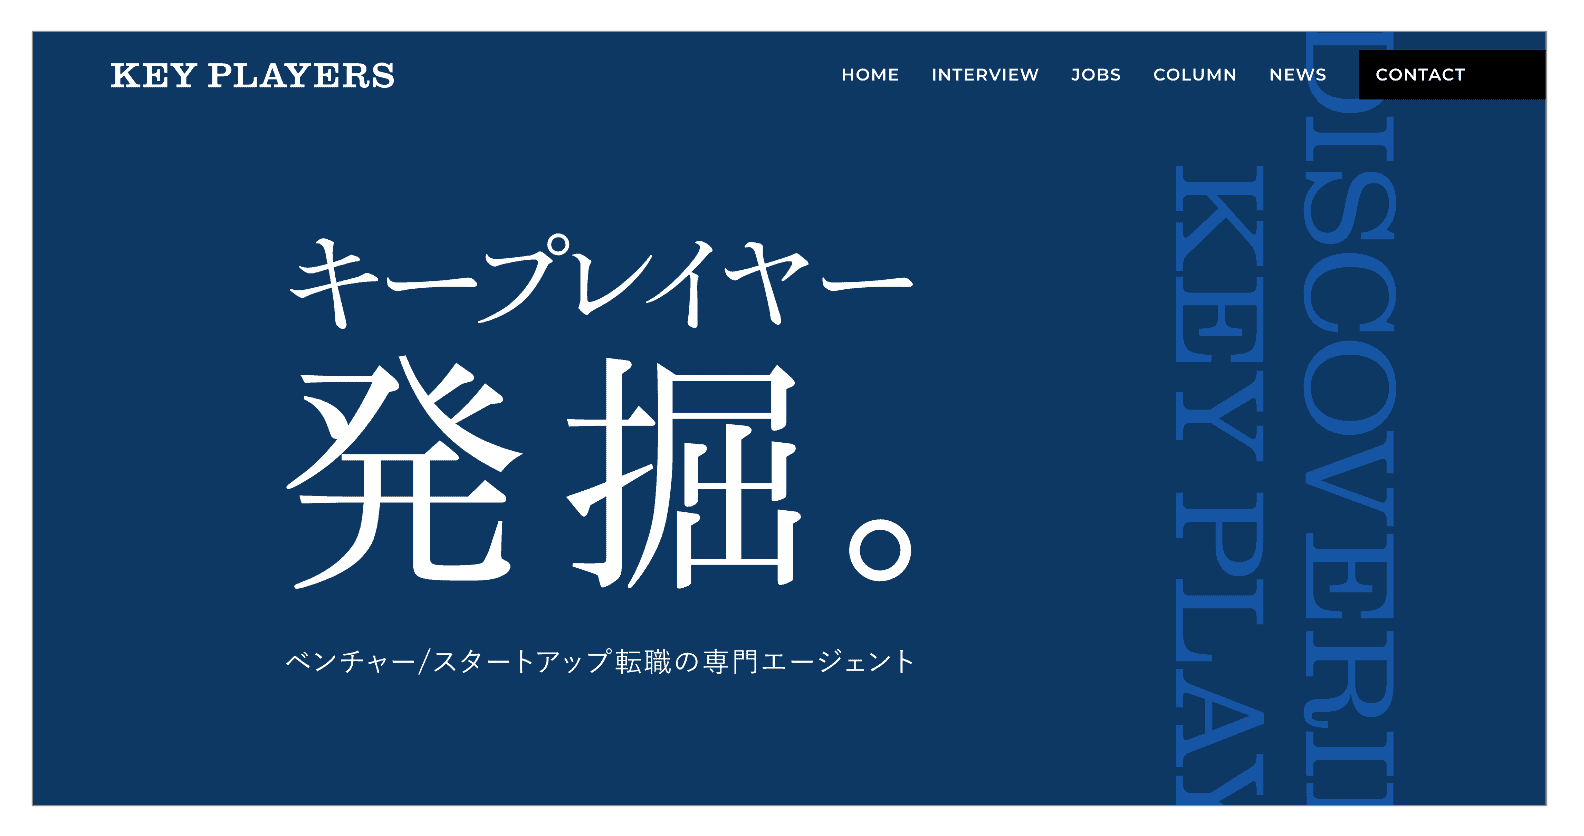 おすすめの転職サイト「キープレイヤーズ」